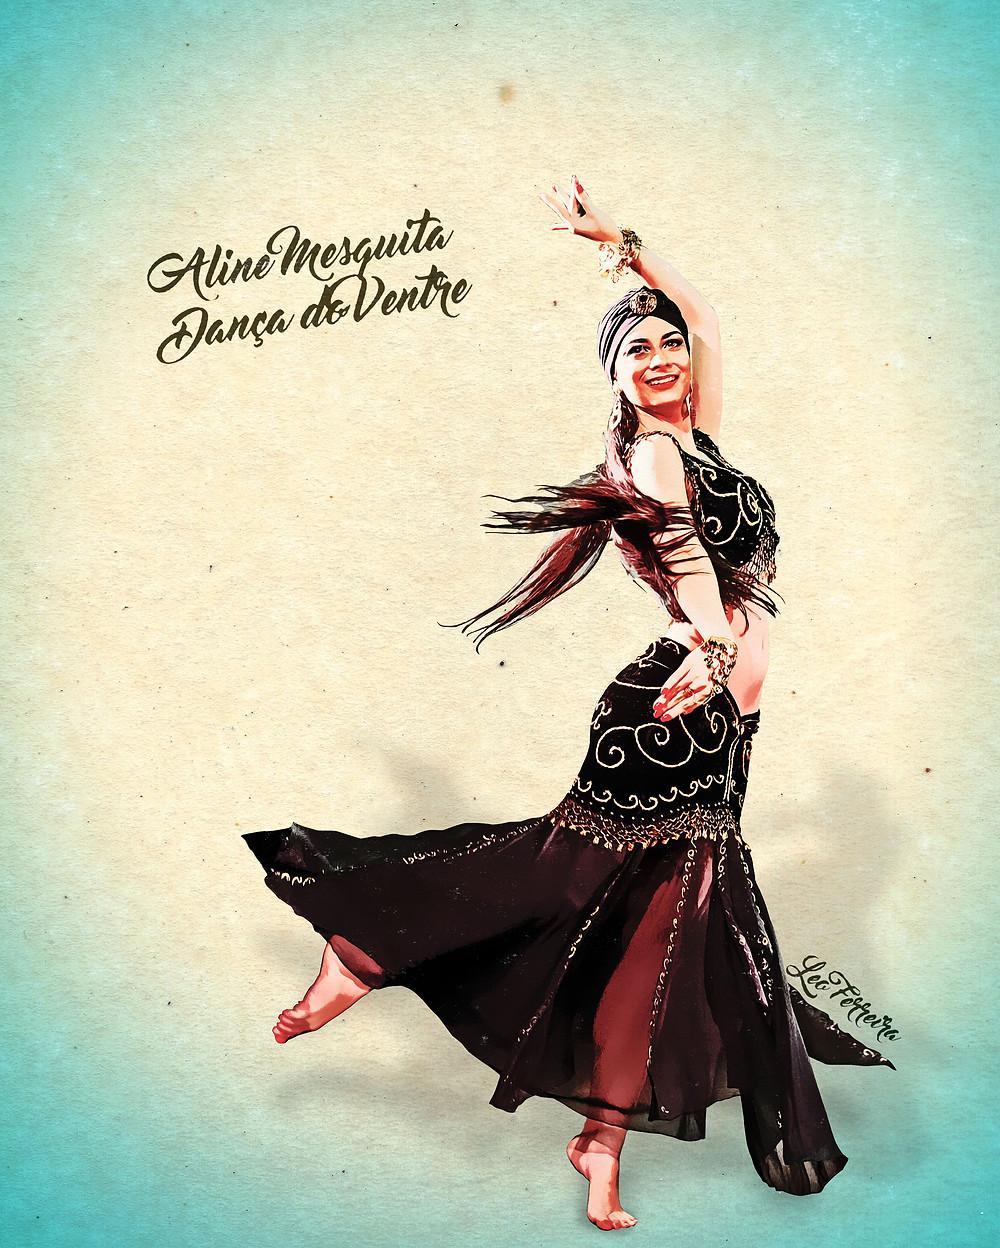 Aline Mesquita dançando em homenagem à era de ouro da dança do ventre, usando um figurino preto com detalhes dourados e um turbante na cabeça. A foto passou por uma manipulação para parecer uma pintura antiga.